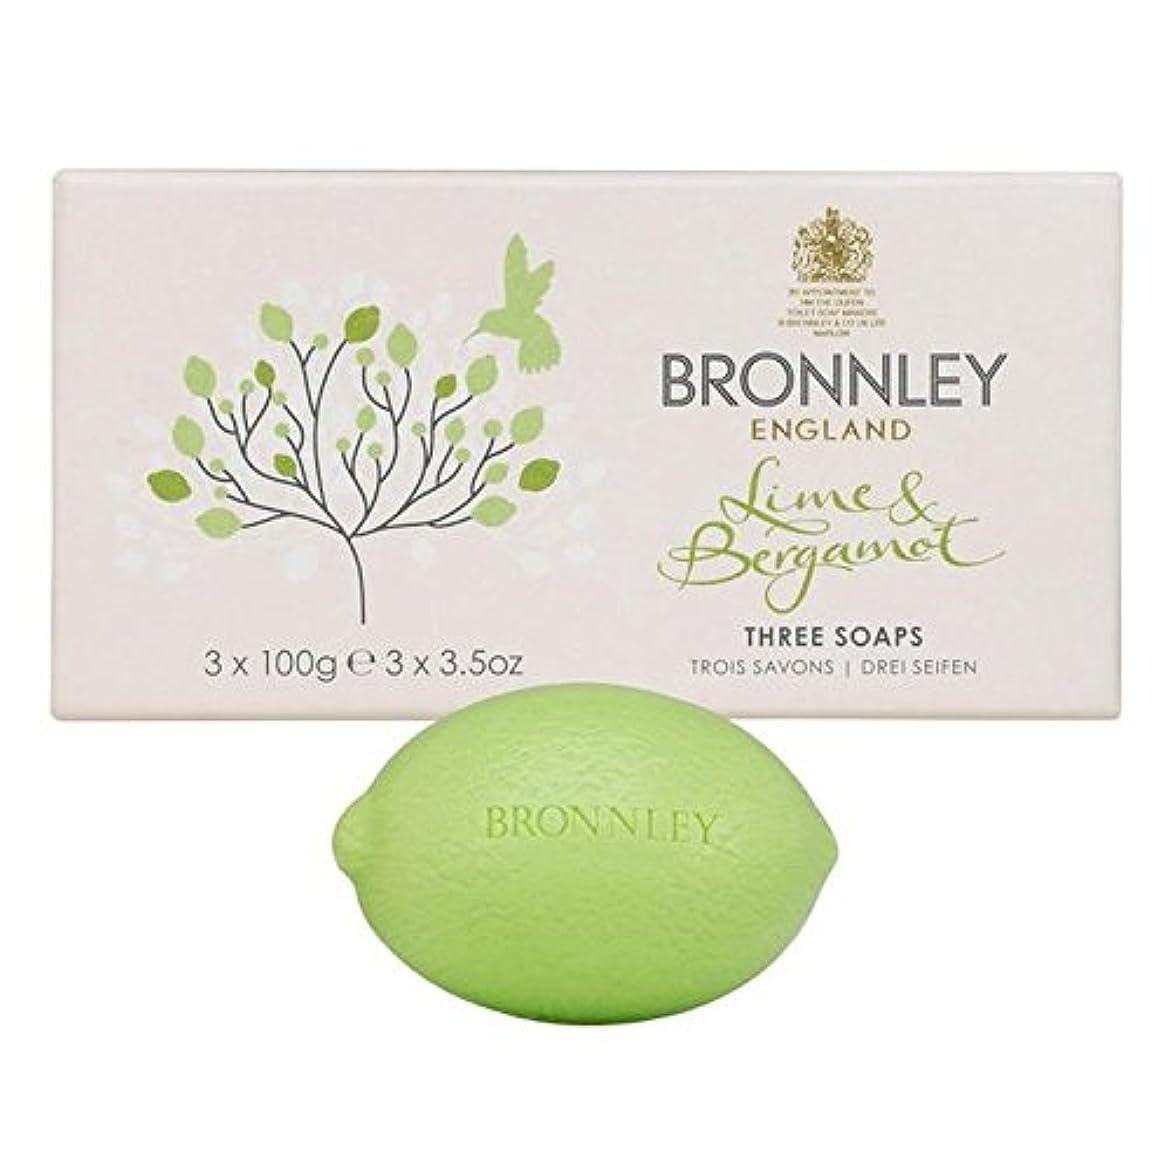 頬骨からかうソフィーライム&ベルガモット石鹸3×100グラム x4 - Bronnley Lime & Bergamot Soap 3 x 100g (Pack of 4) [並行輸入品]